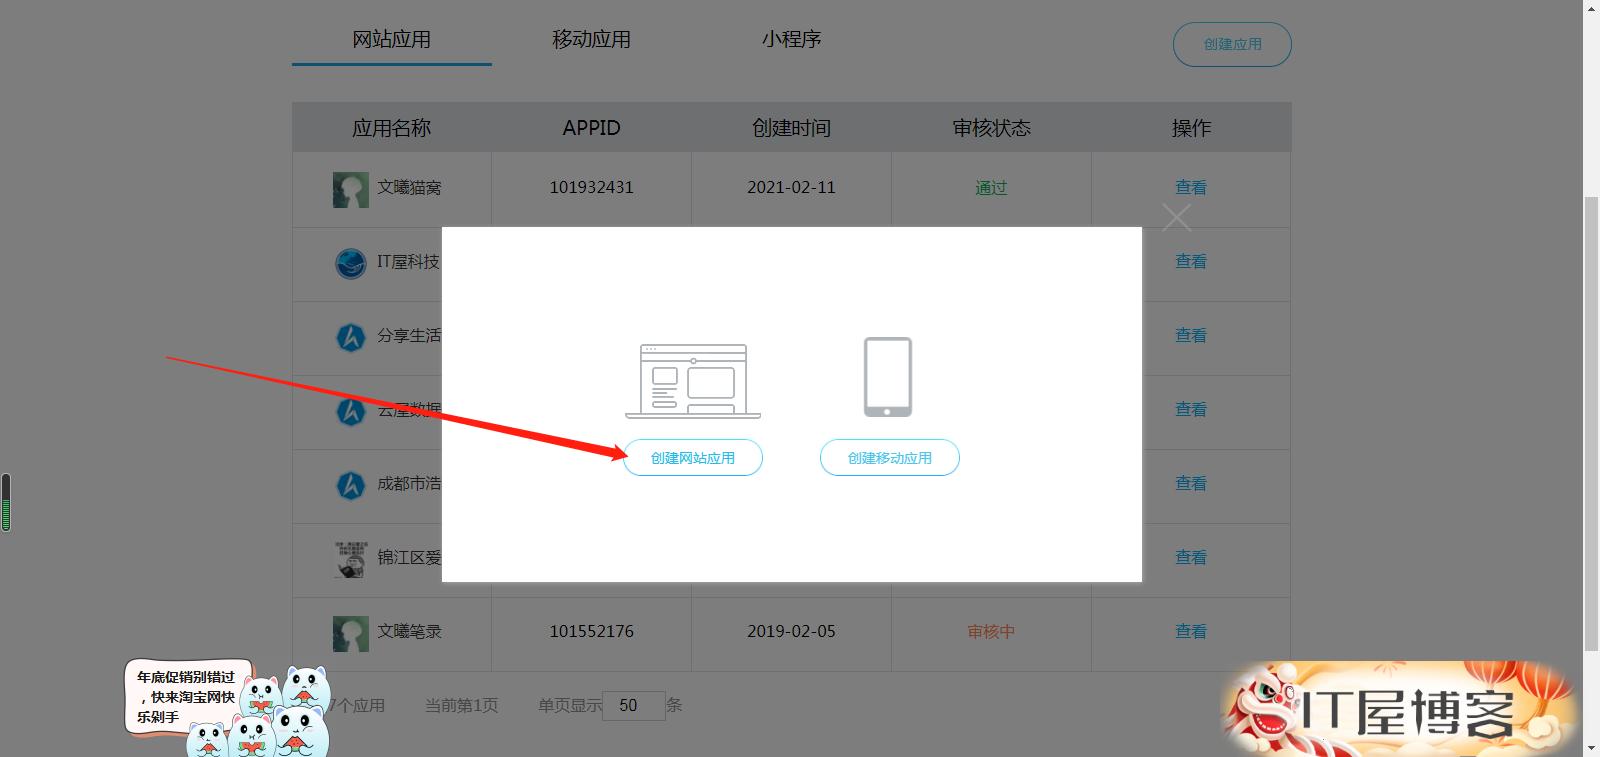 申请成为QQ互联个人开发者步骤(注意事项)【2021最新】  申请成为QQ互联 第5张